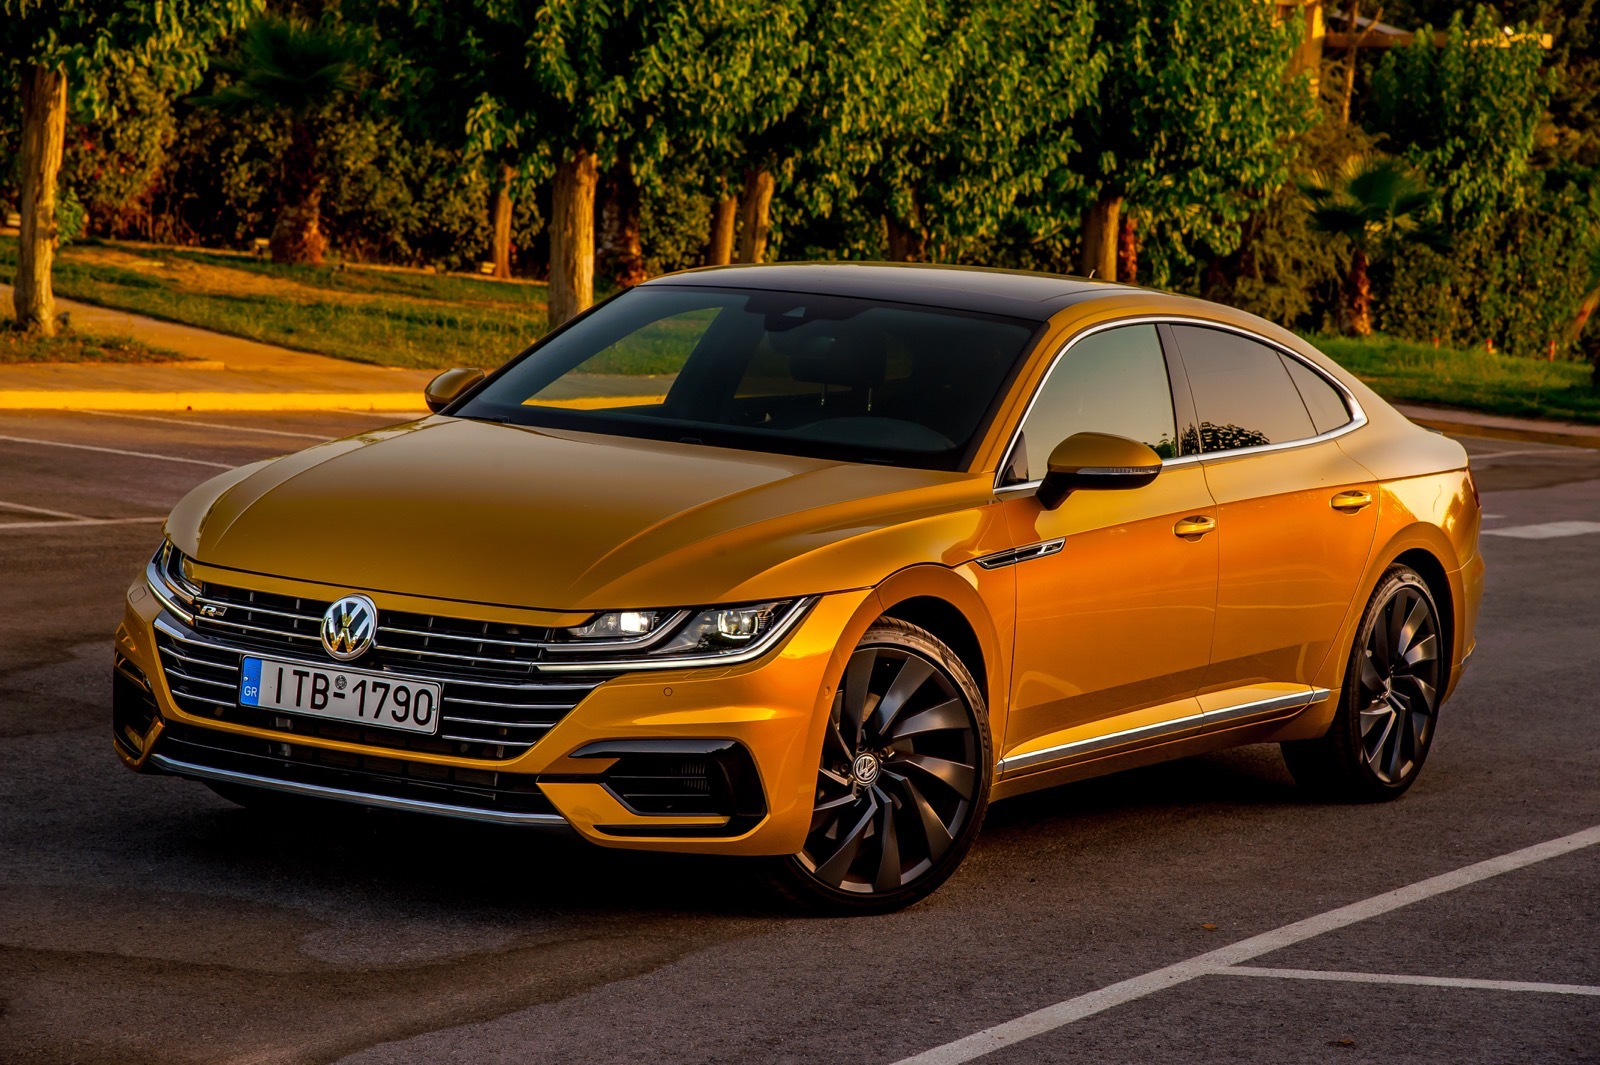 Volkswagen_Arteon_Greek_Presentataion_61